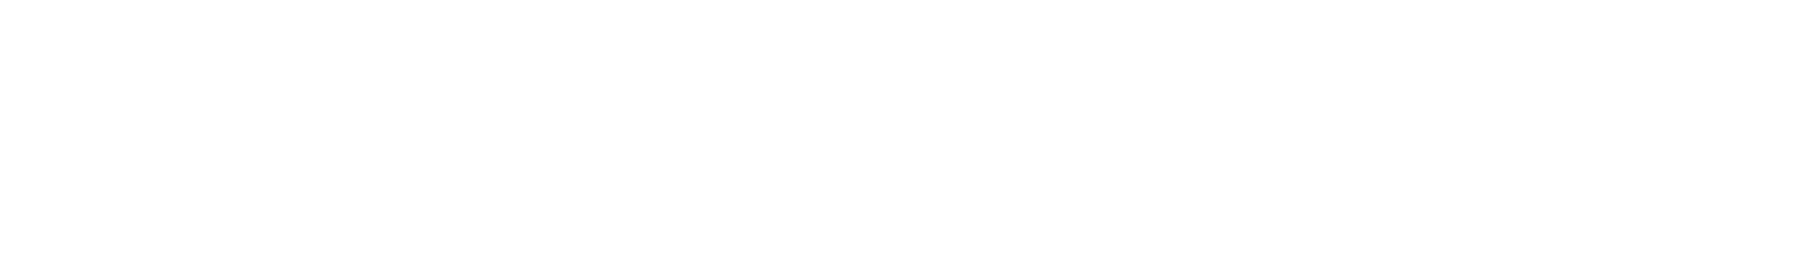 bluezone xworld sound 114